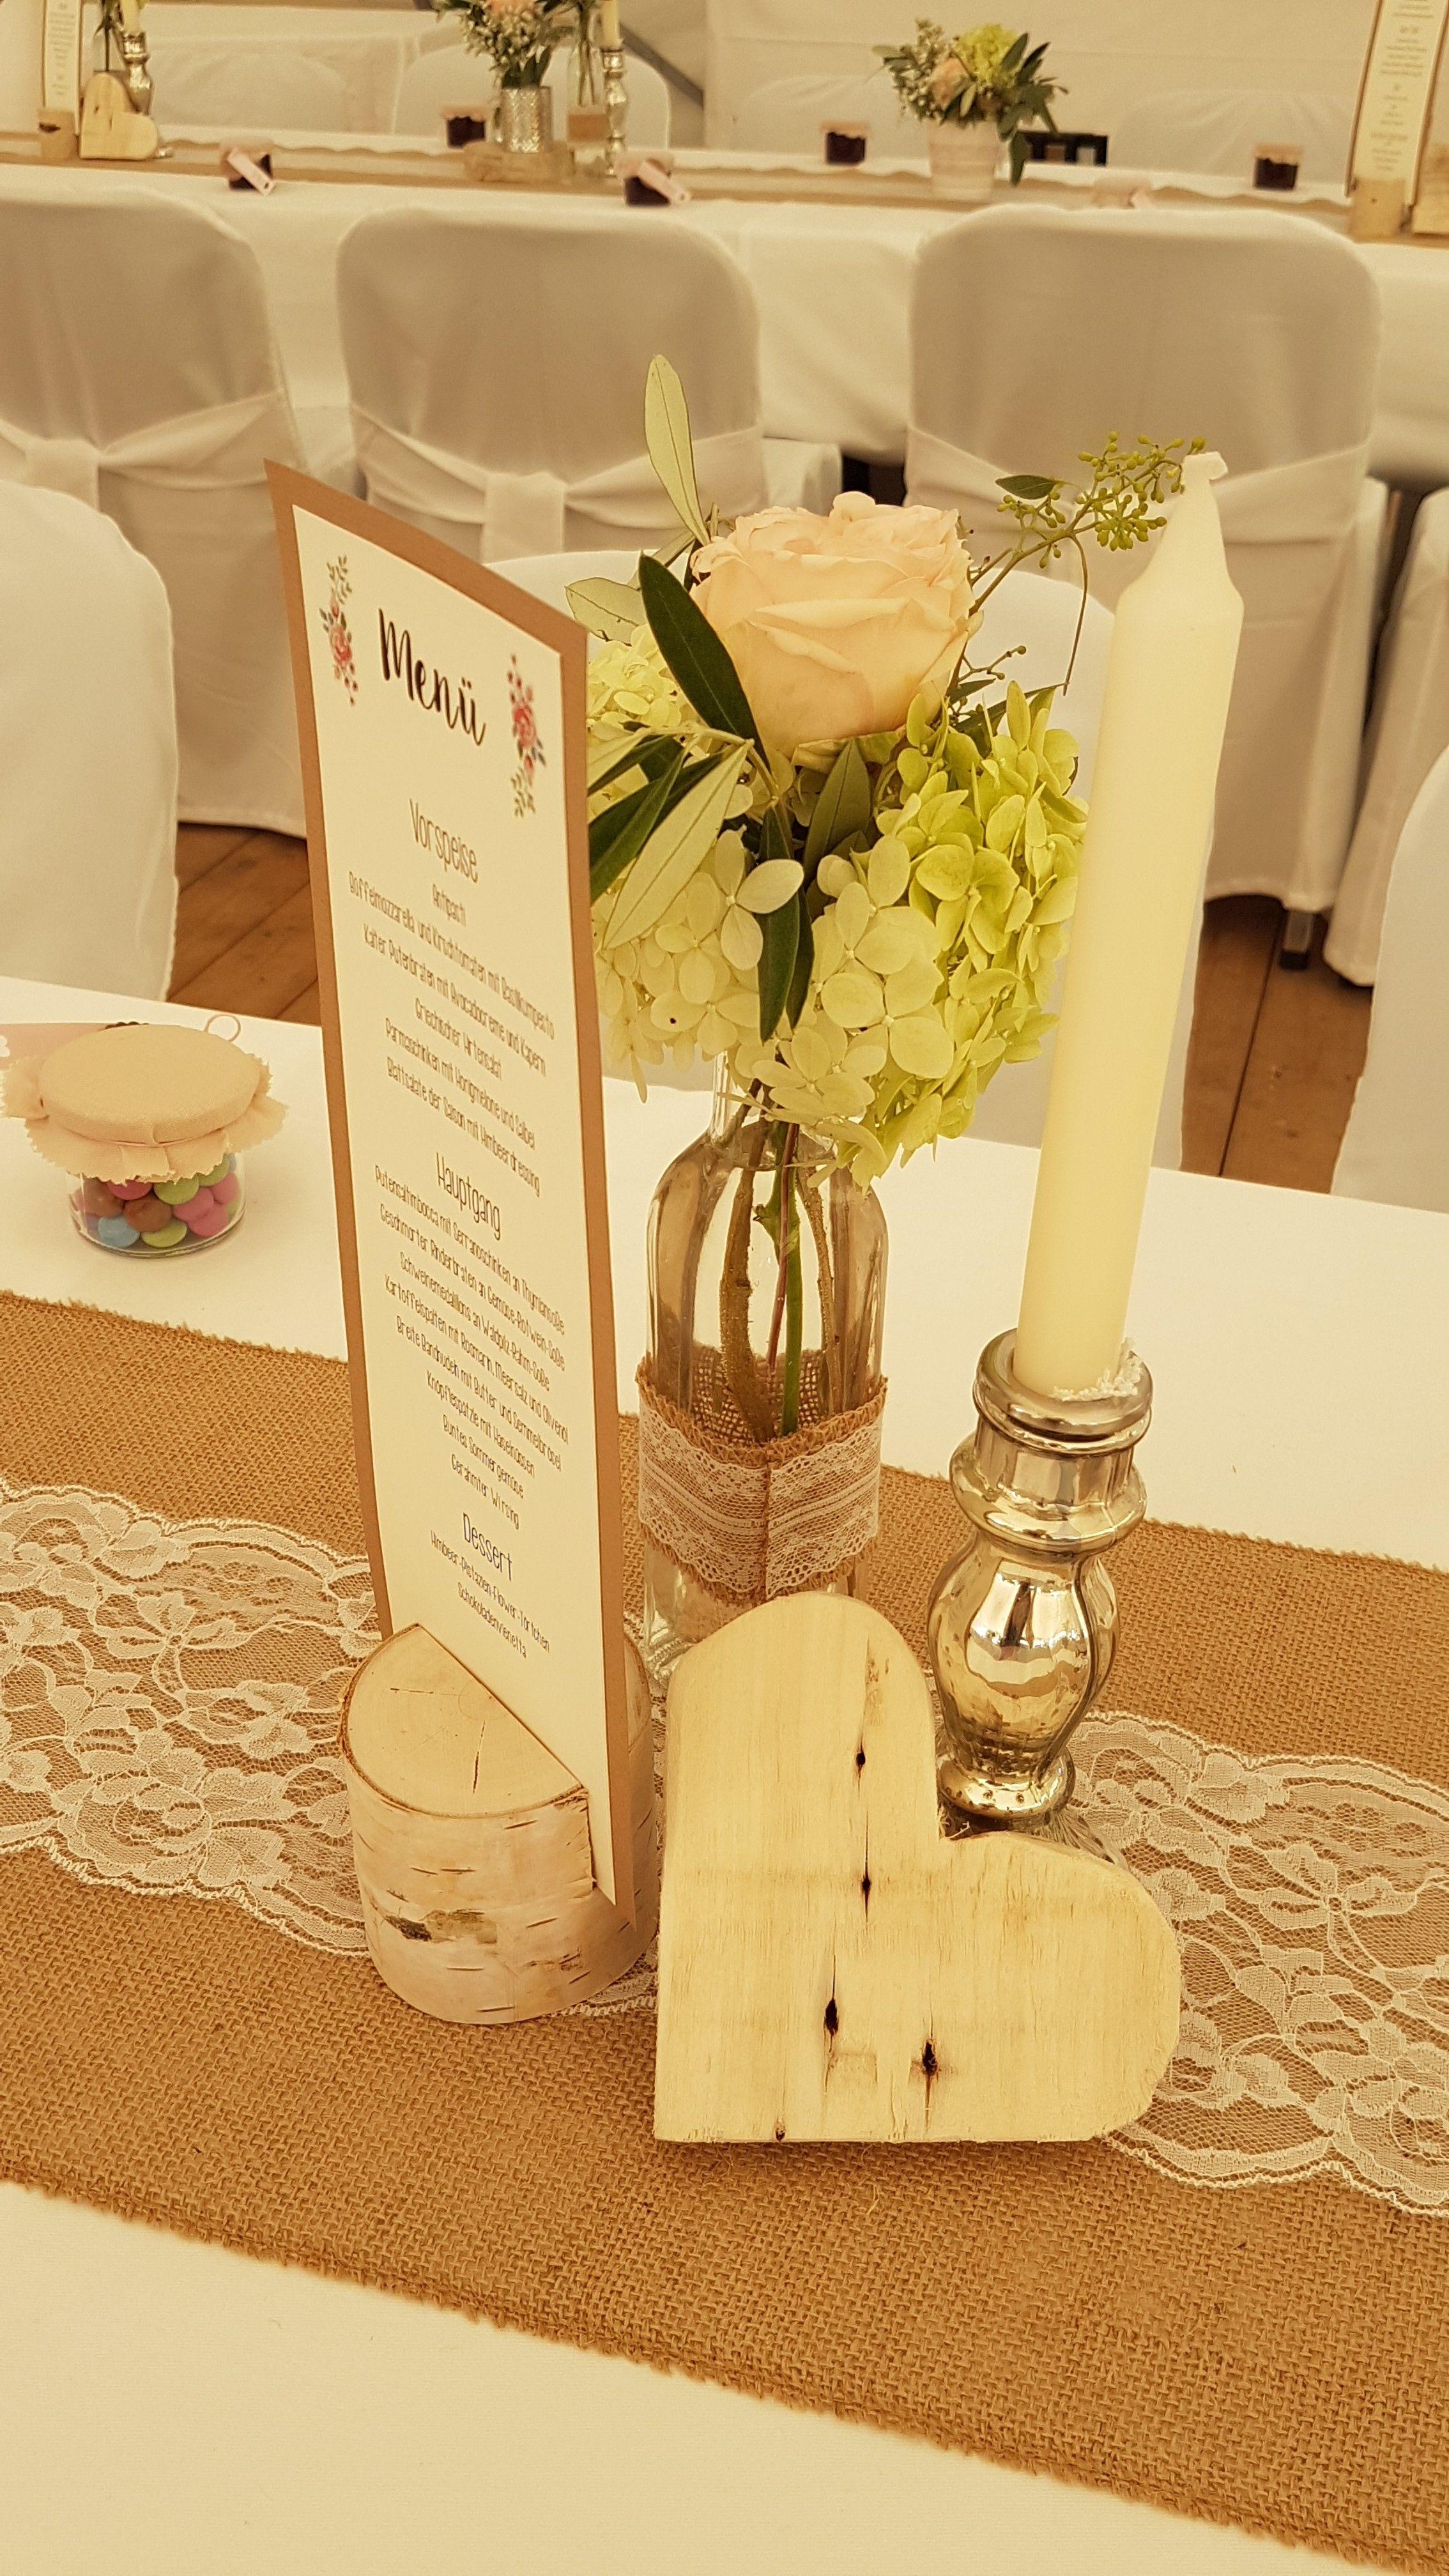 Hochzeit Polterabend Tischdeko Tisch Rustikal Vintage Holz Birke Selber Machen Holz Diy Hochzeit Planen Selber Machen Tisch